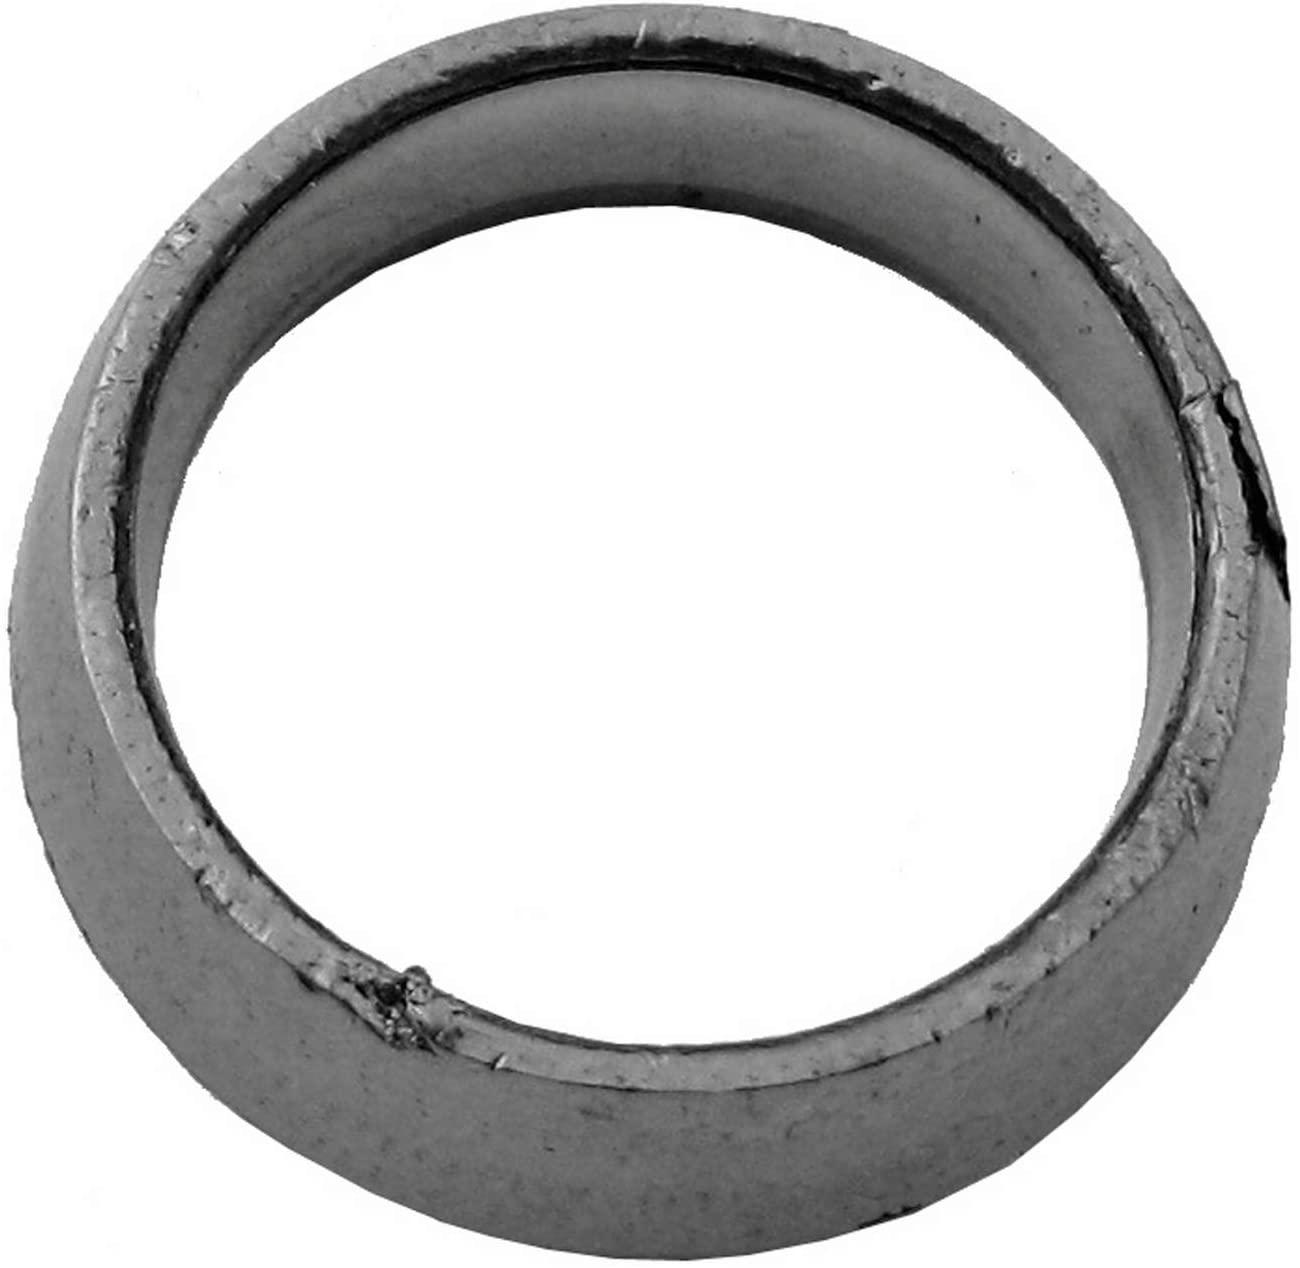 Walker 31639 Exhaust Pipe Connector Gasket